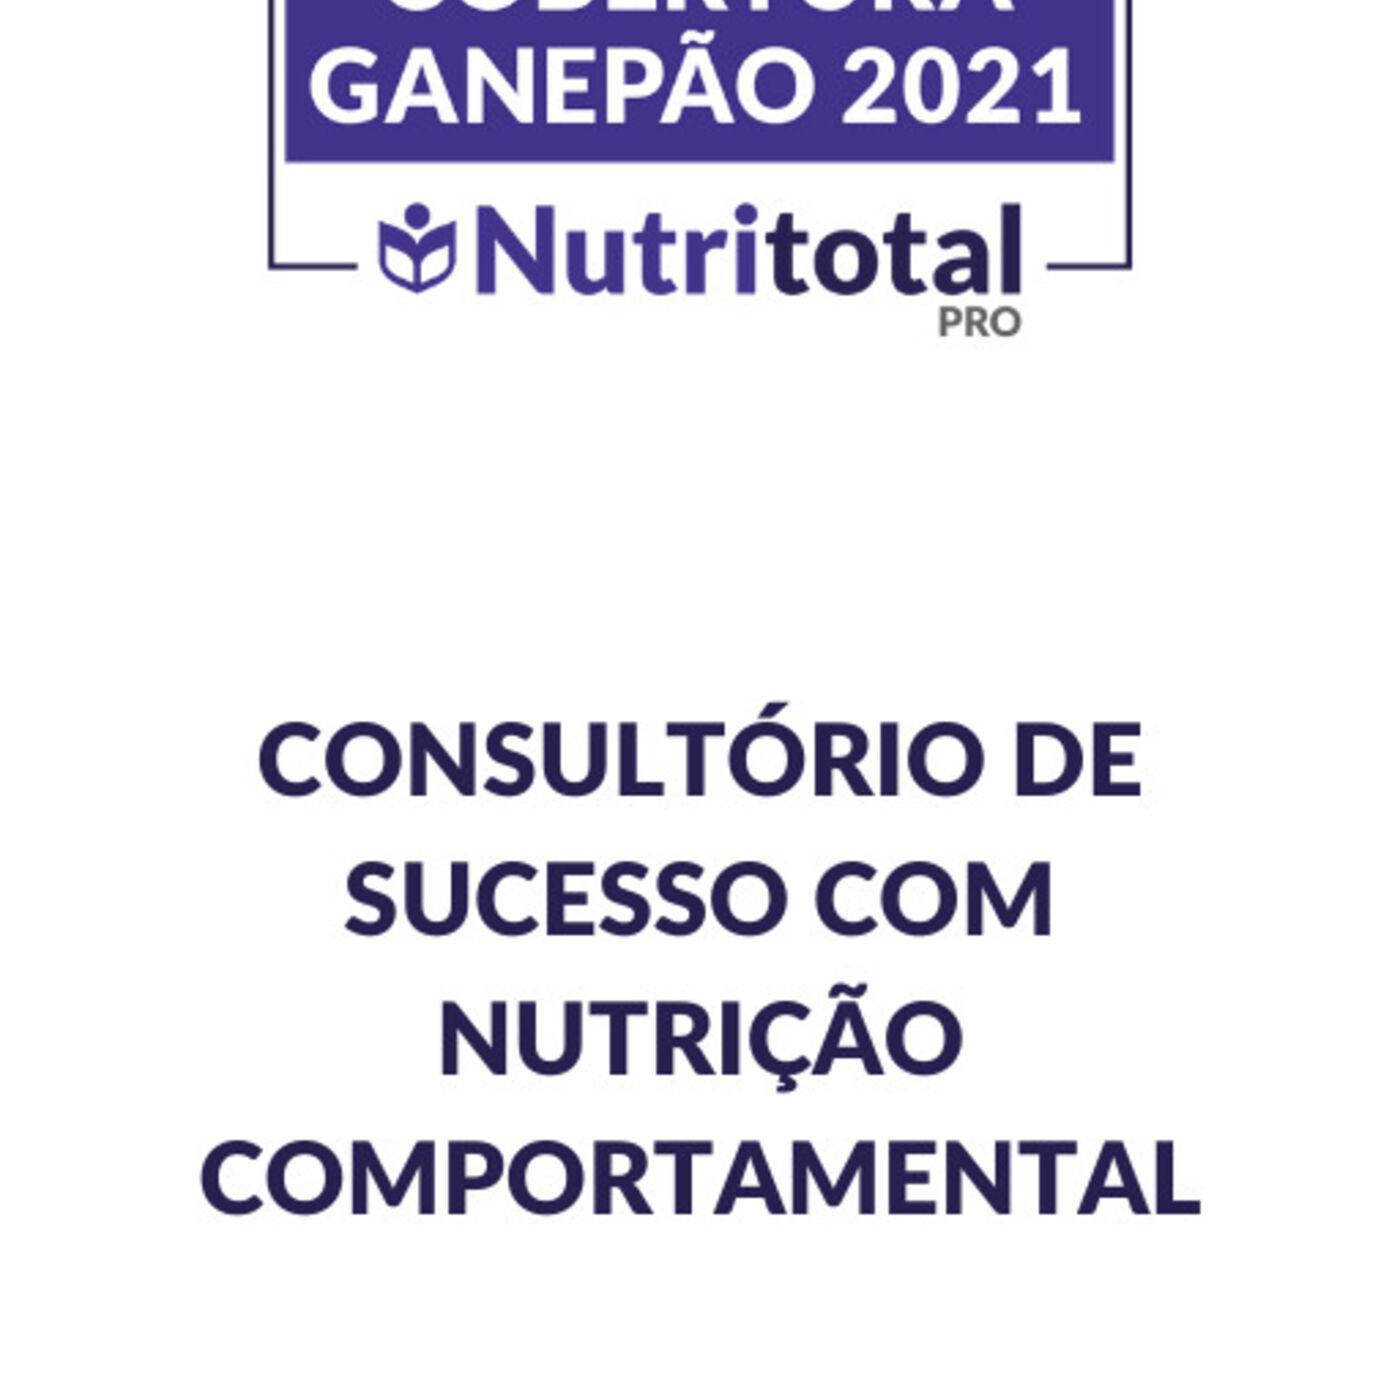 Cobertura Ganepão 2021: Consultório de sucesso com nutrição comportamental